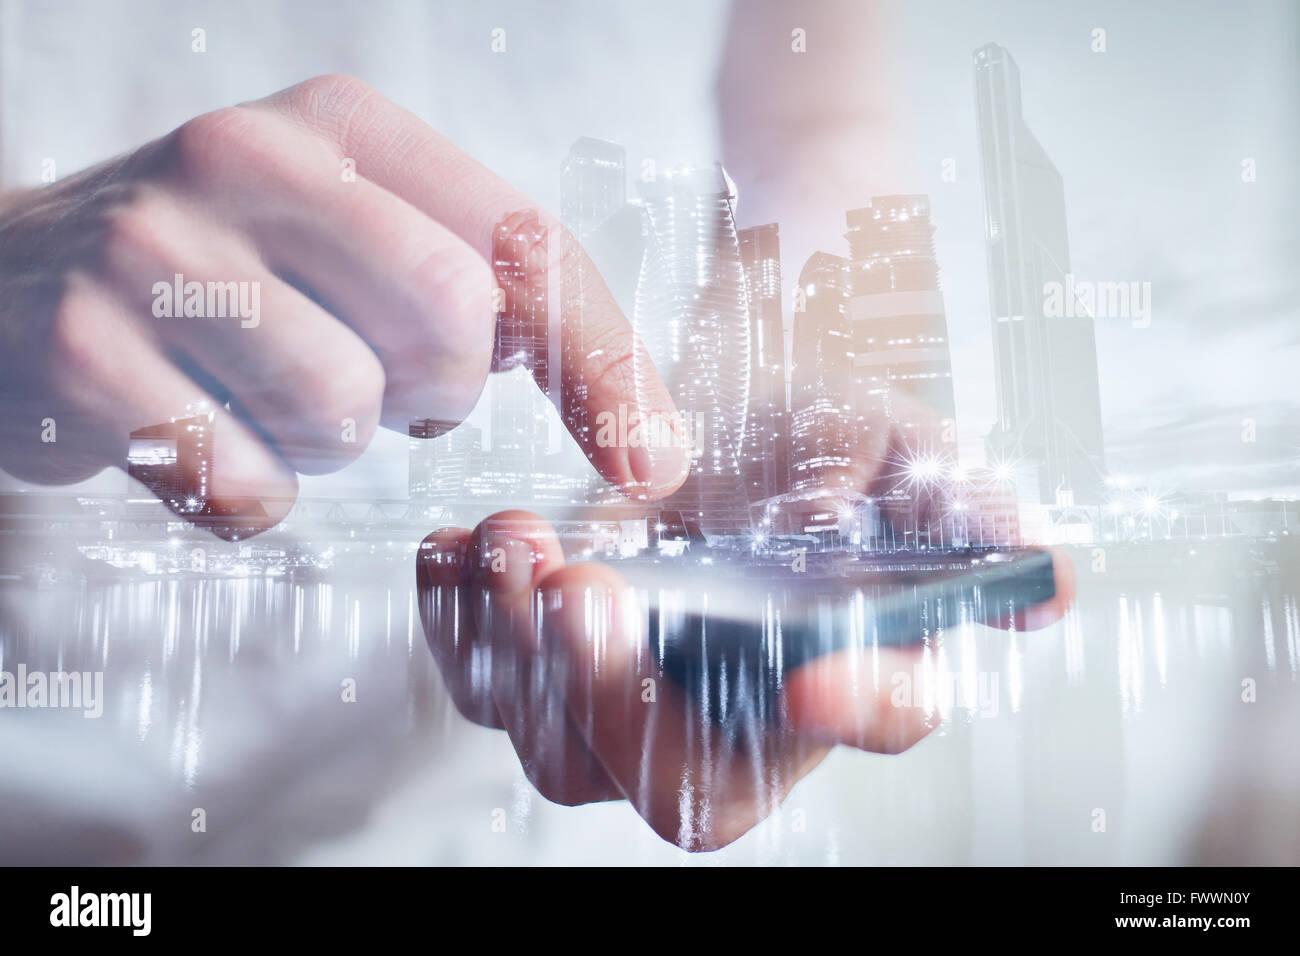 Hombre manos tocan smartphone, closeup, doble exposición con vistas al horizonte de la ciudad moderna Imagen De Stock